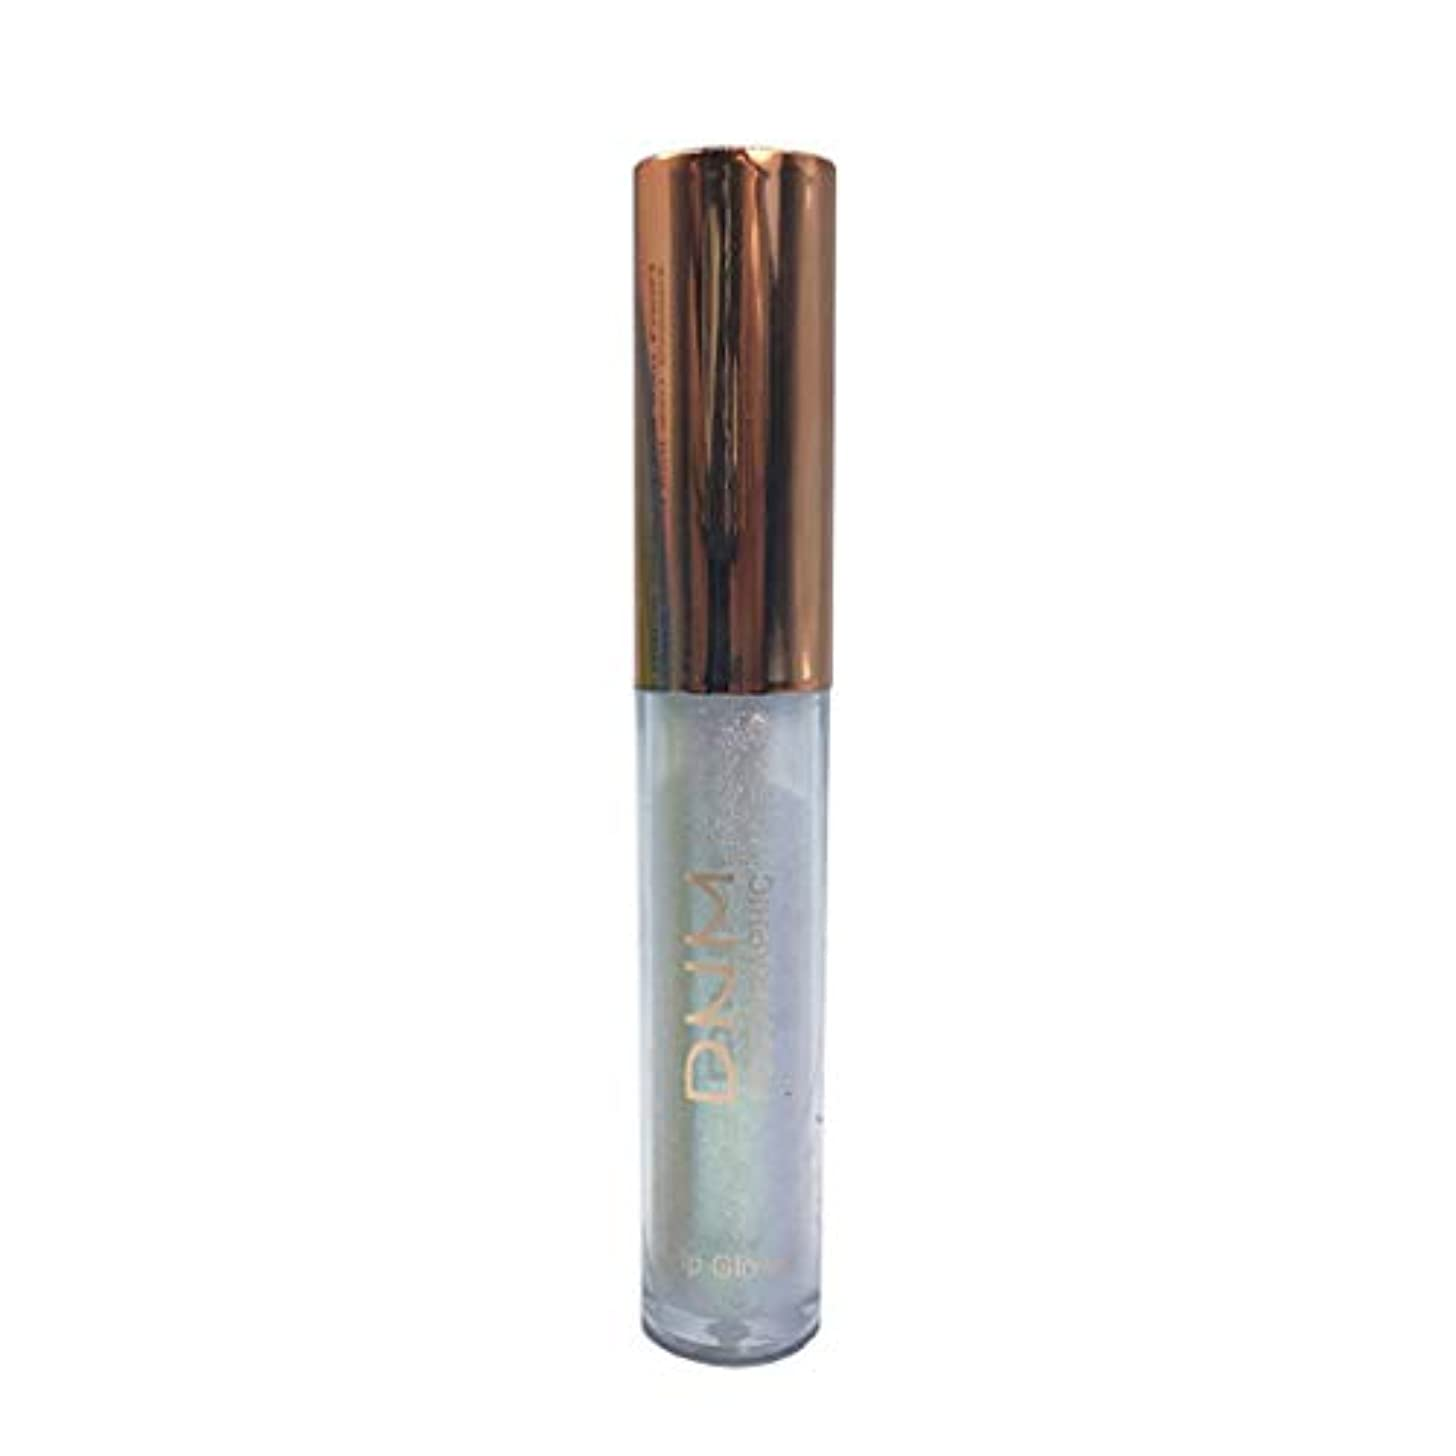 エンジニア人物寺院防水長続きがする液体は軽い口紅の構造の唇の光沢の唇を分極します